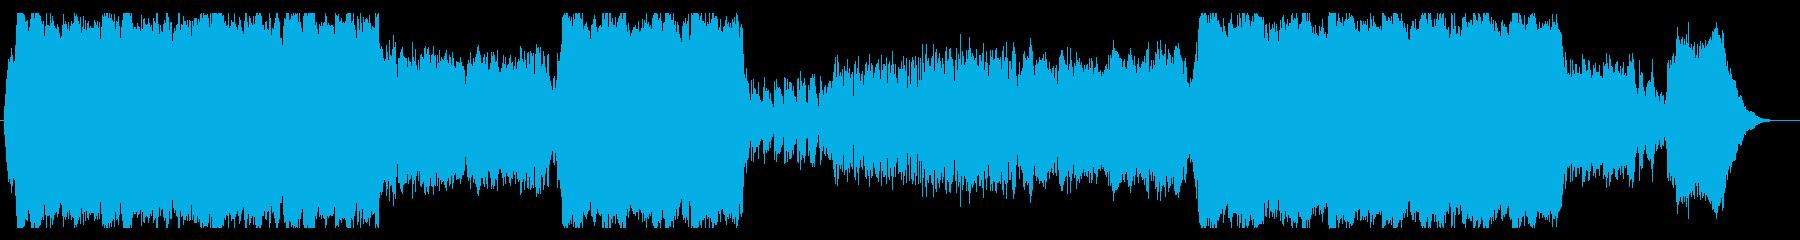 壮大な印象のコンピューターミュージックの再生済みの波形